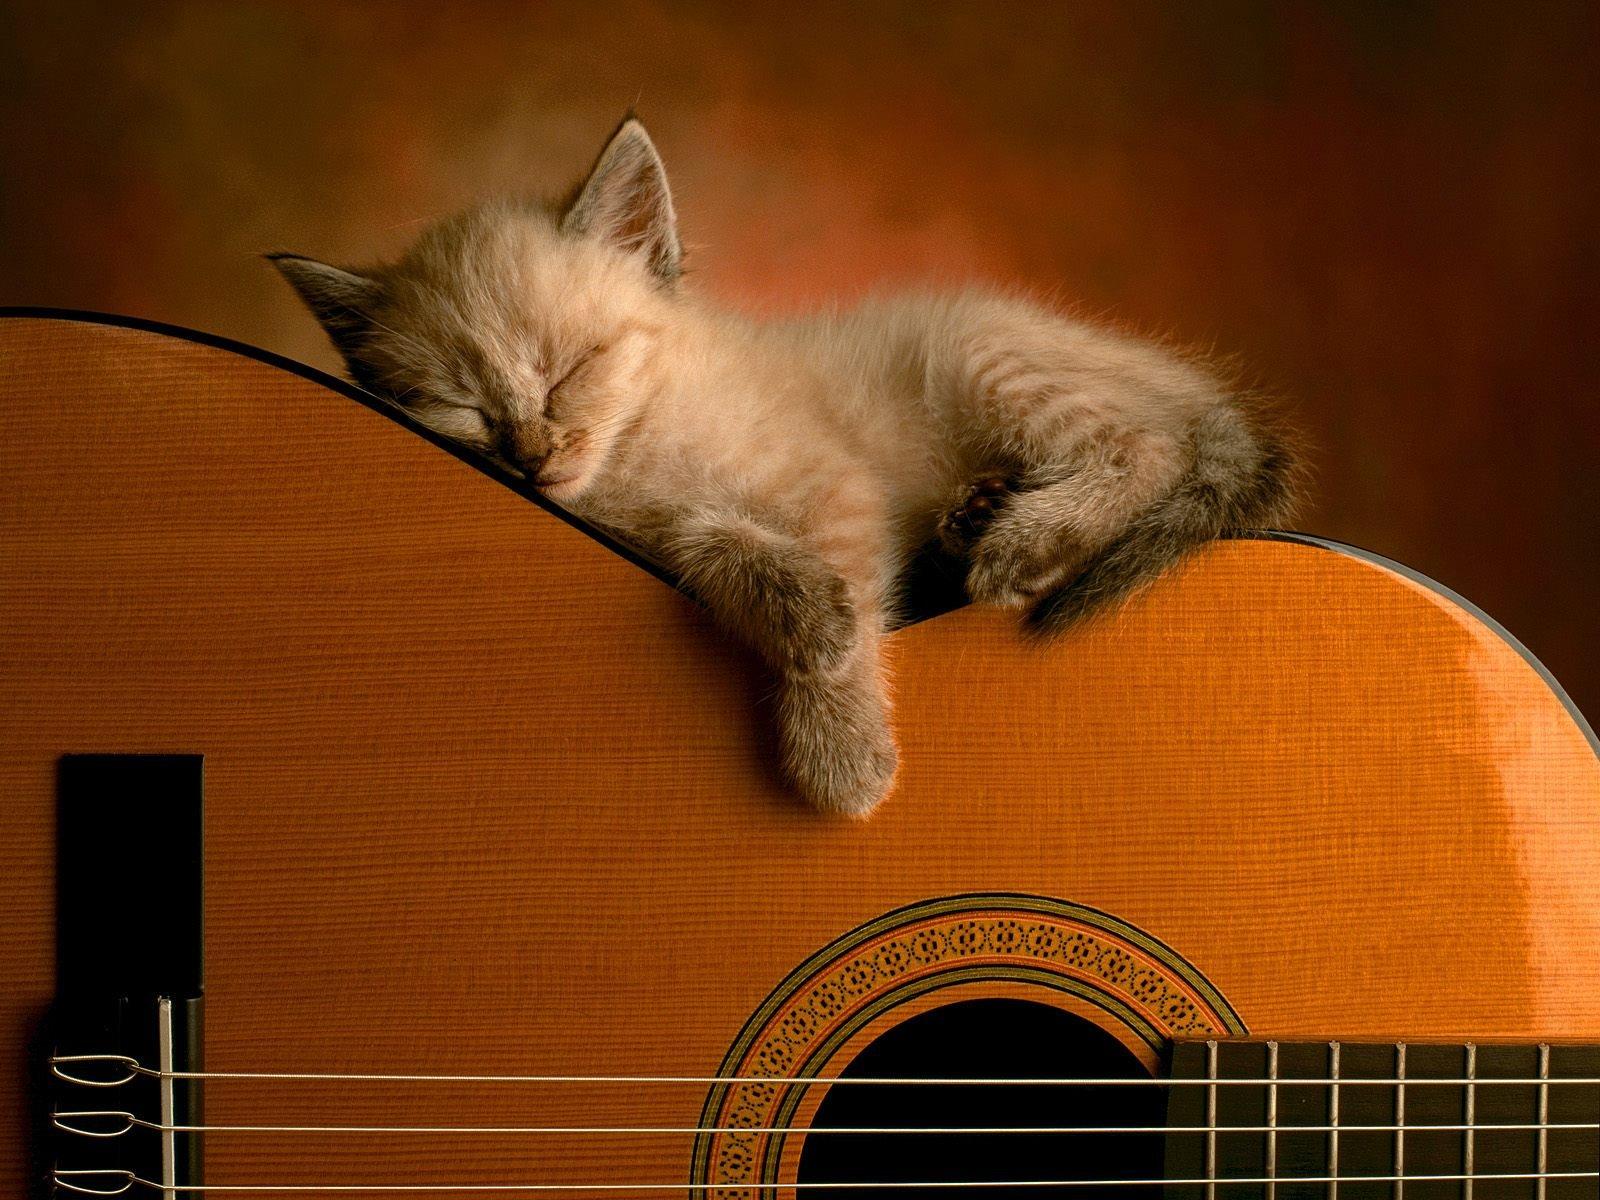 http://1.bp.blogspot.com/_eYNXA0gKwI0/TS9uXNL-v_I/AAAAAAAAAGU/6r1PqP59L8I/s1600/Cat_sleeping_in_guitar_10308_1600_1200.jpg